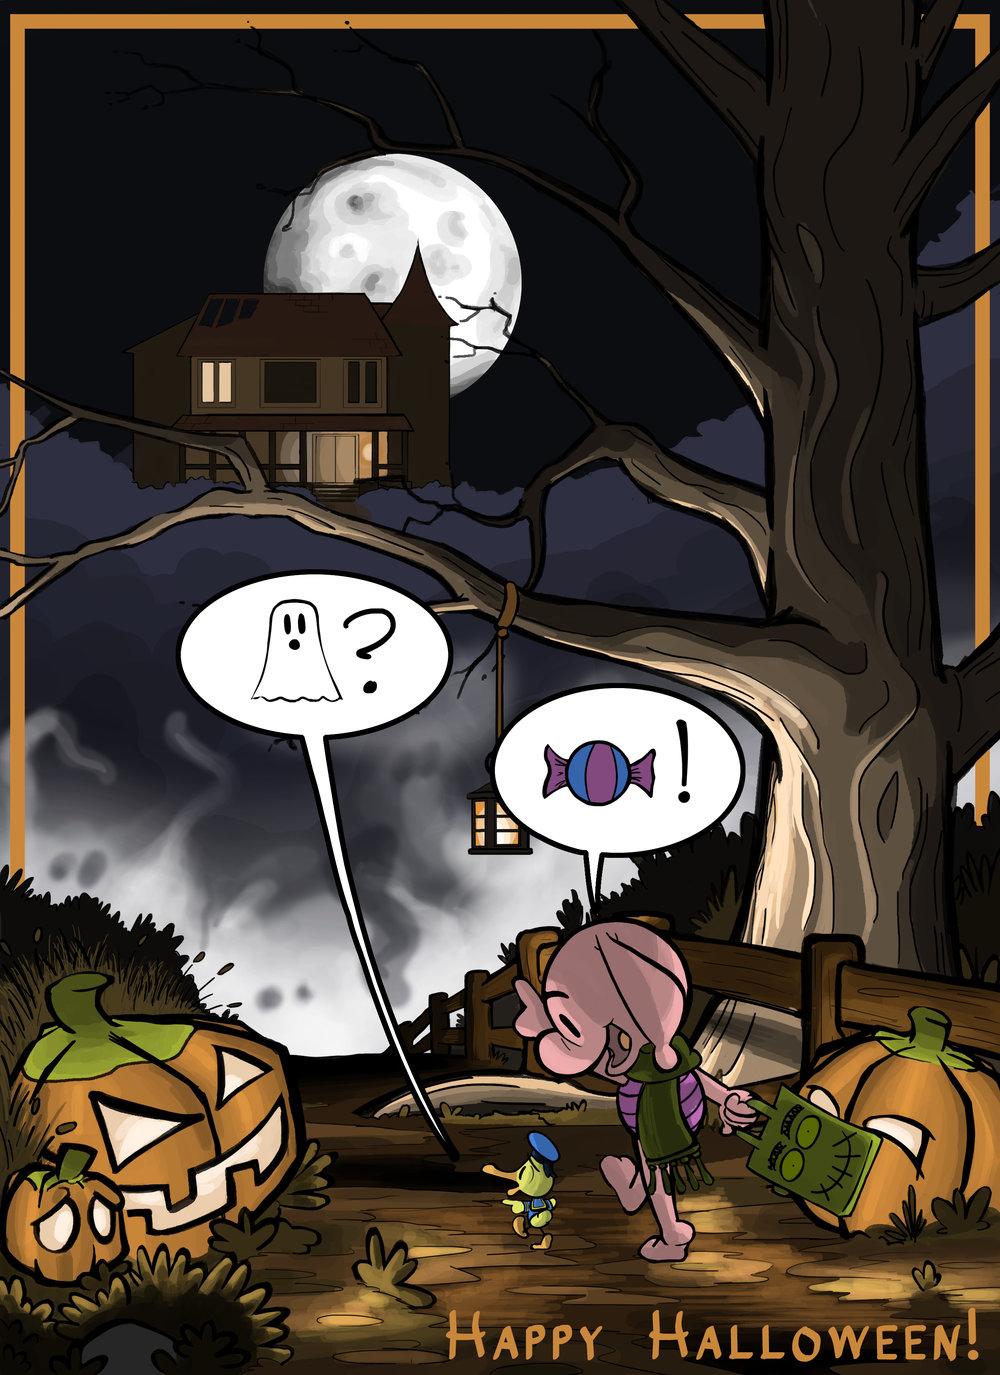 Happy Halloween 2018.jpg